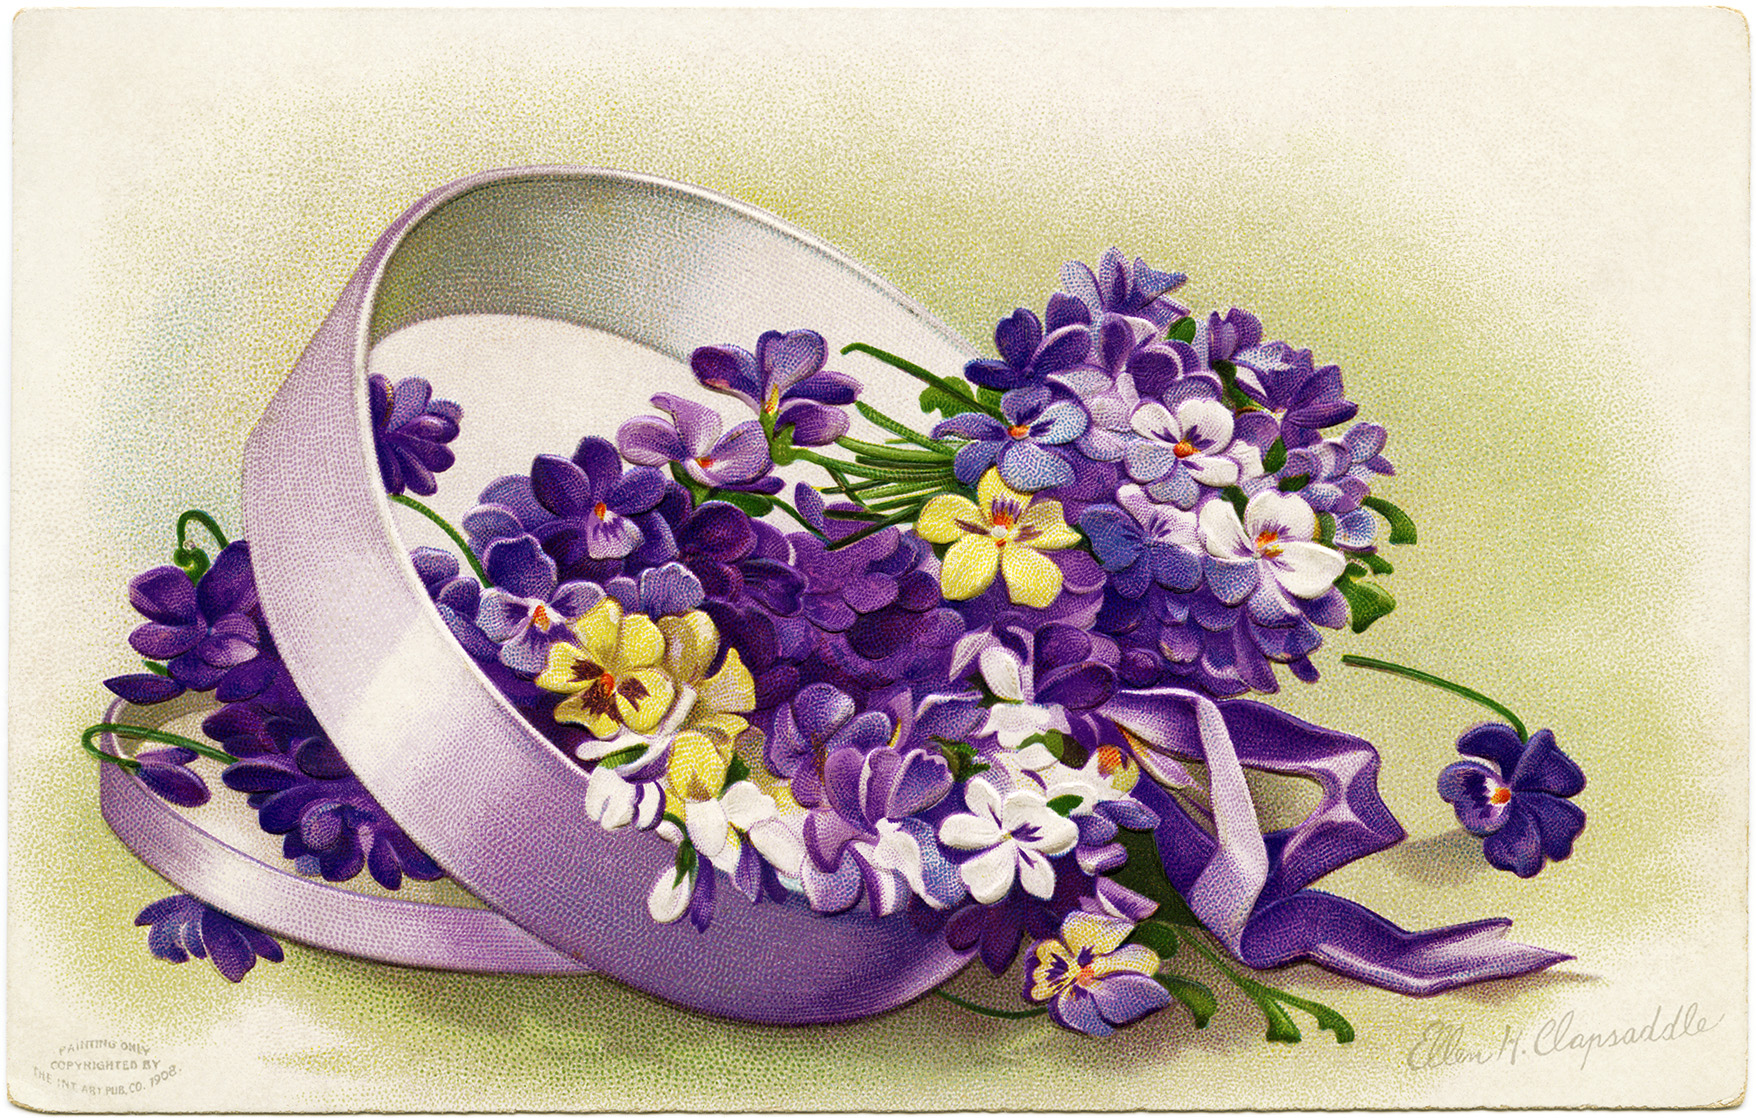 Ellen Clapsaddle Purple Flowers Easter Image Old Design Shop Blog